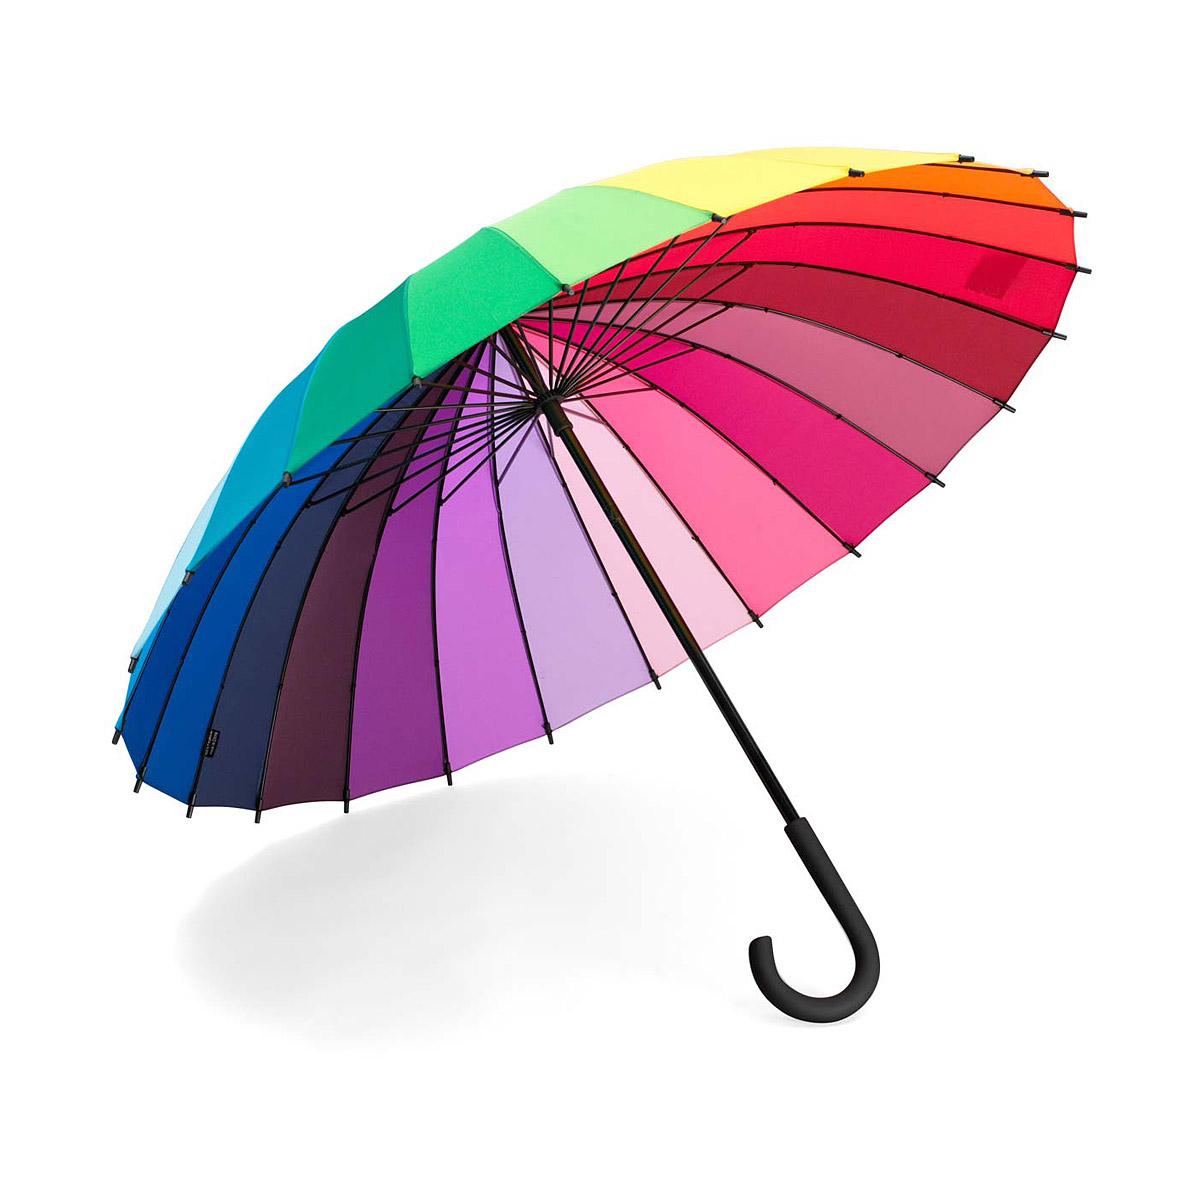 Umbrella images